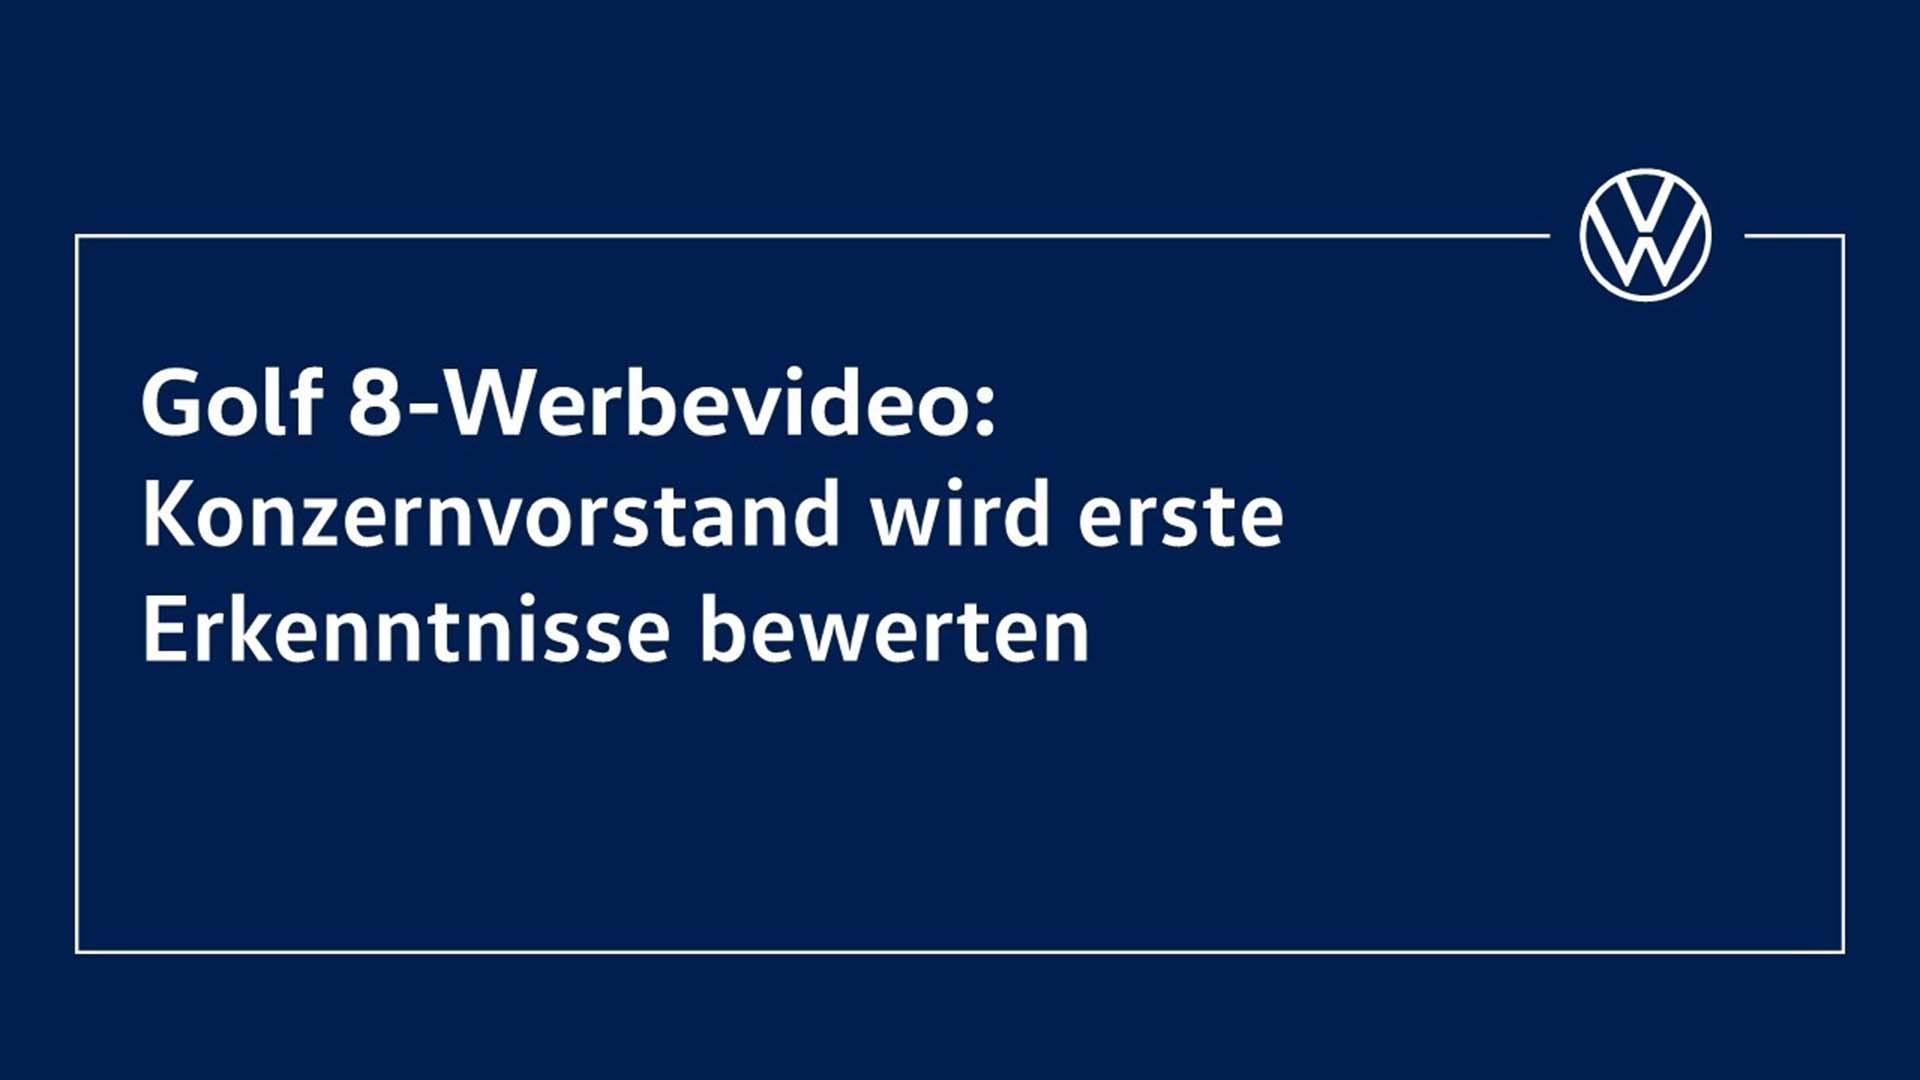 RASSISTISCHER WERBECLIP VON VW